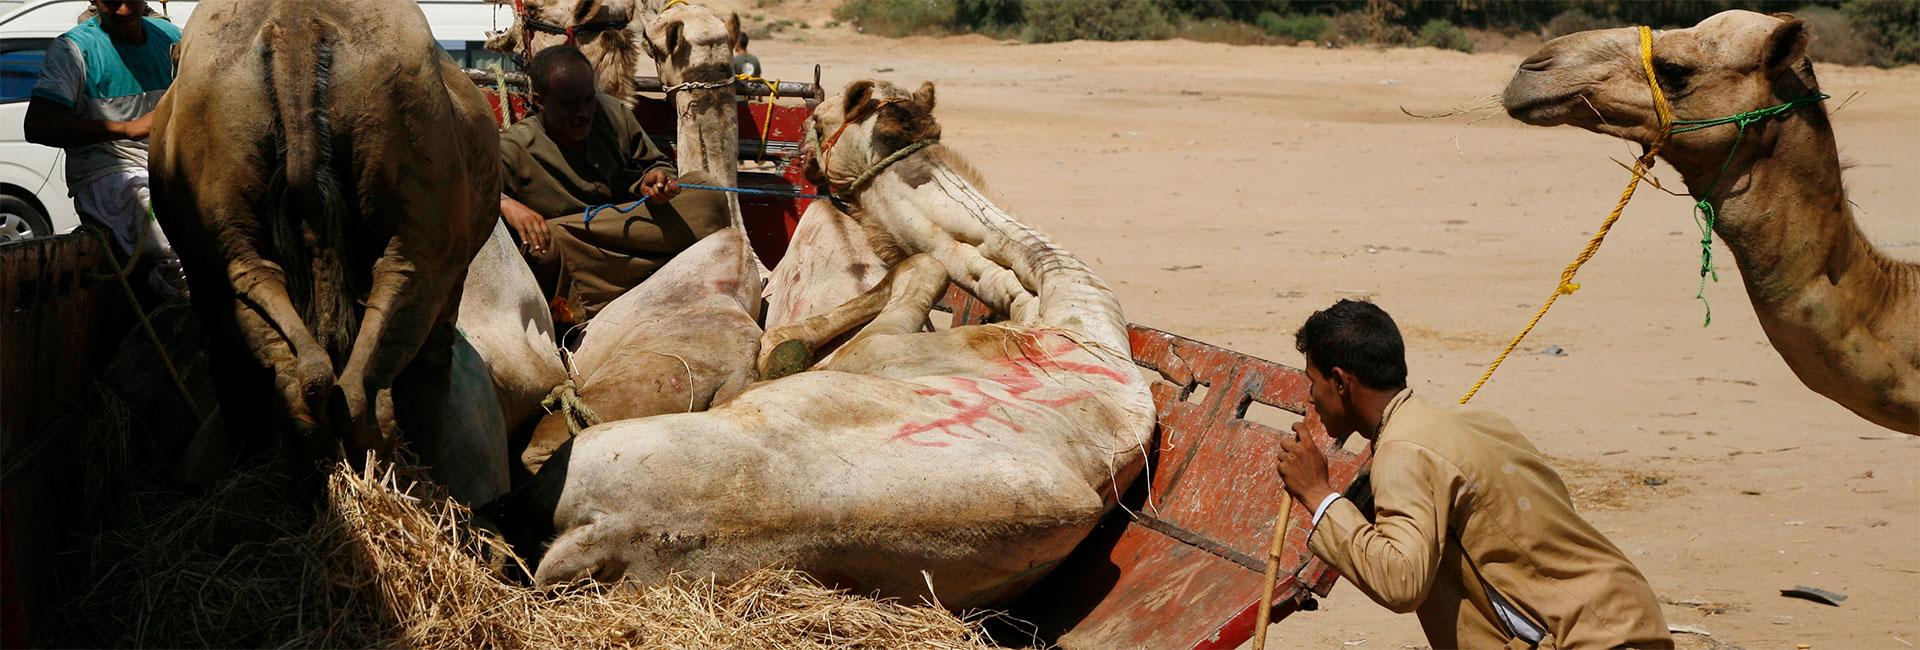 Tiertransport mit Kamelen: Verladung auf einem Tiermarkt in Ägypten